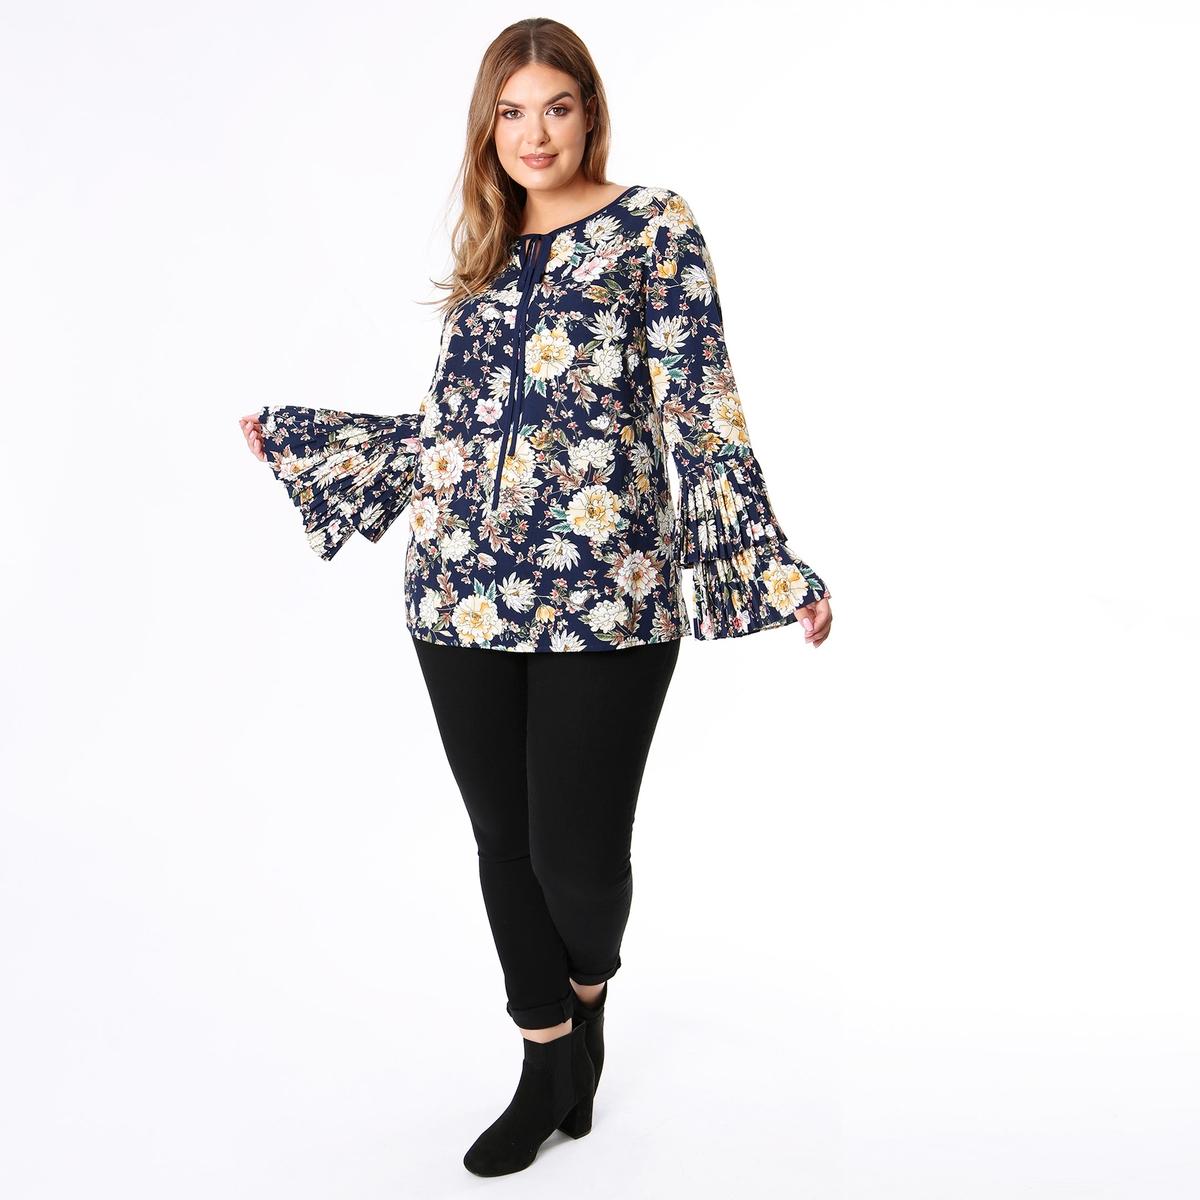 Блузка La Redoute С круглым вырезом цветочным рисунком и длинными рукавами 50 (FR) - 56 (RUS) другие блузка с круглым вырезом графическим рисунком и длинными рукавами